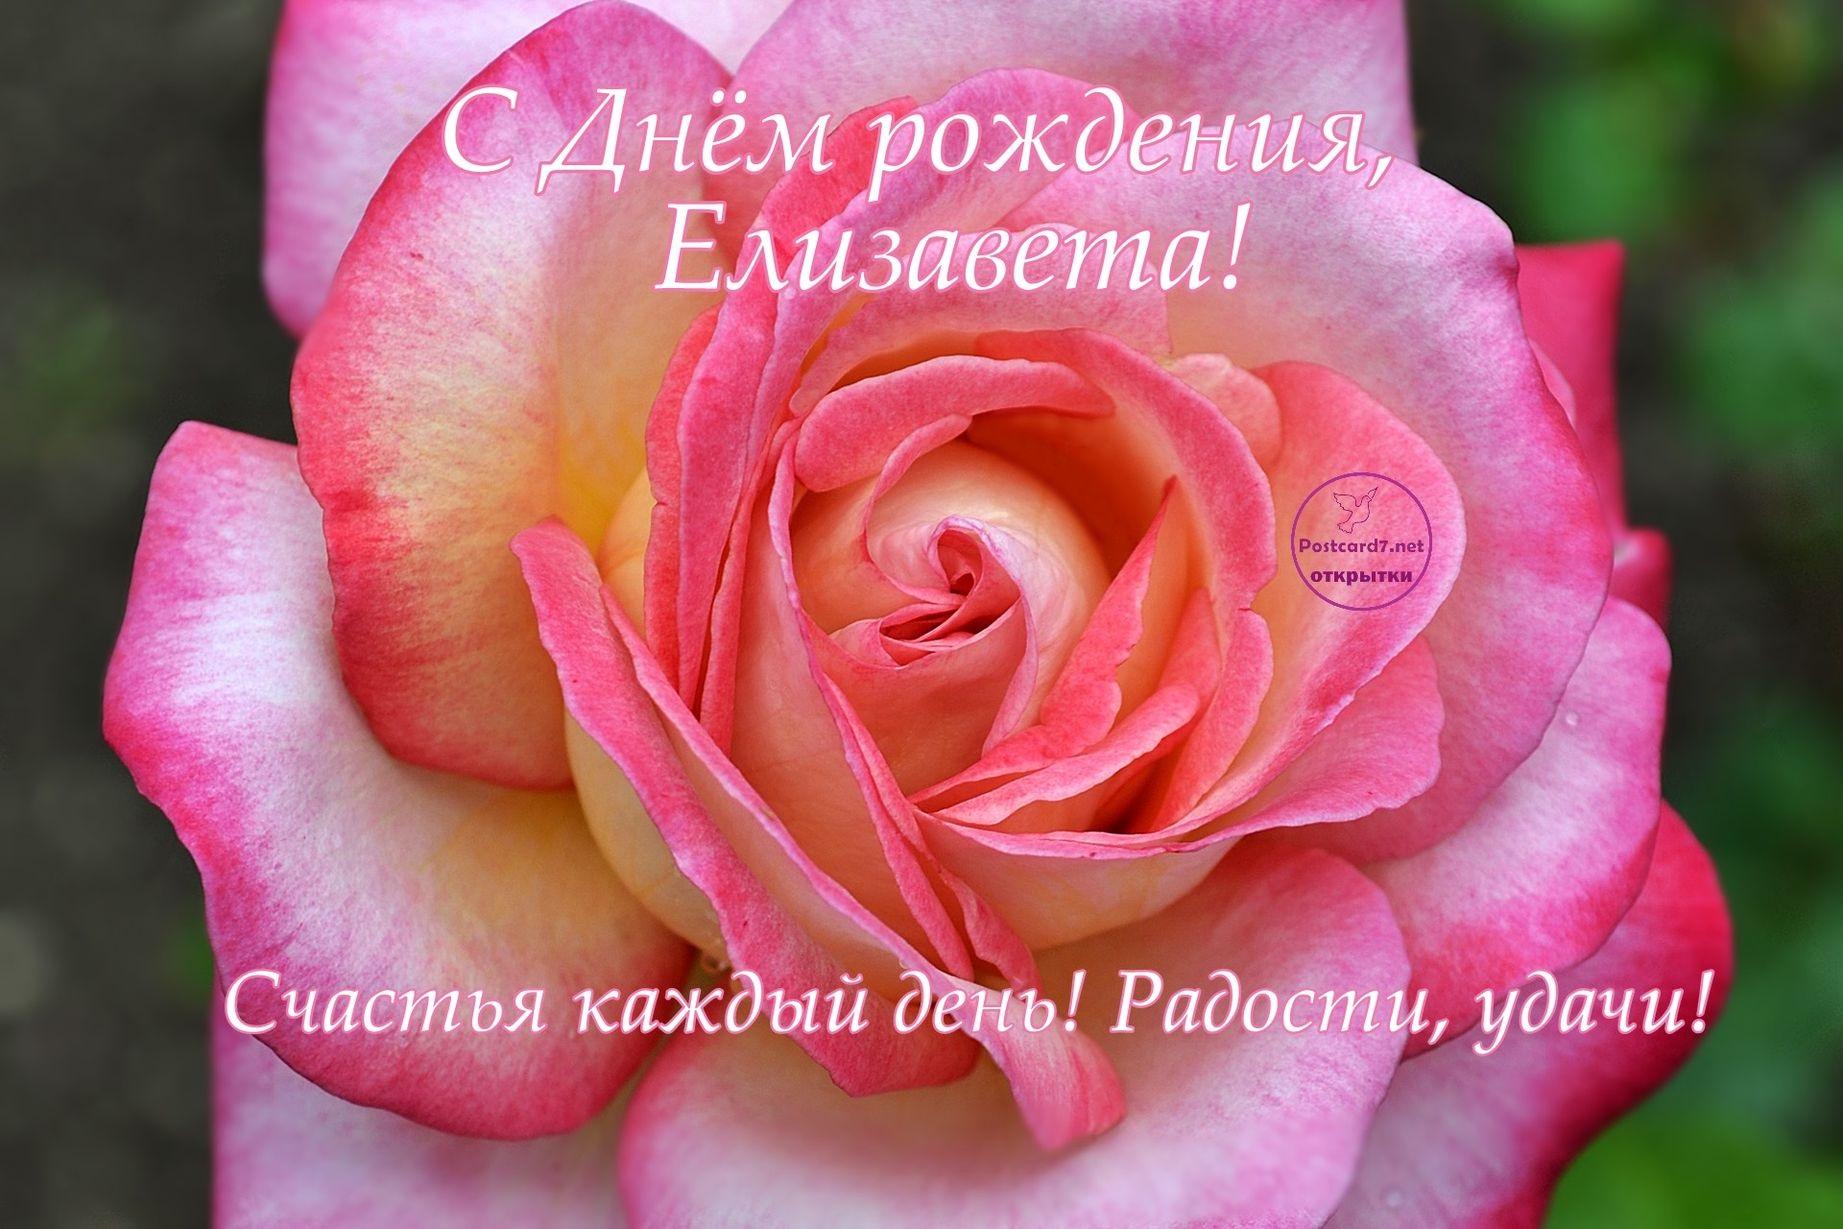 Смешные картинки поздравления С Днем Рождения Елизавета (36 фото)